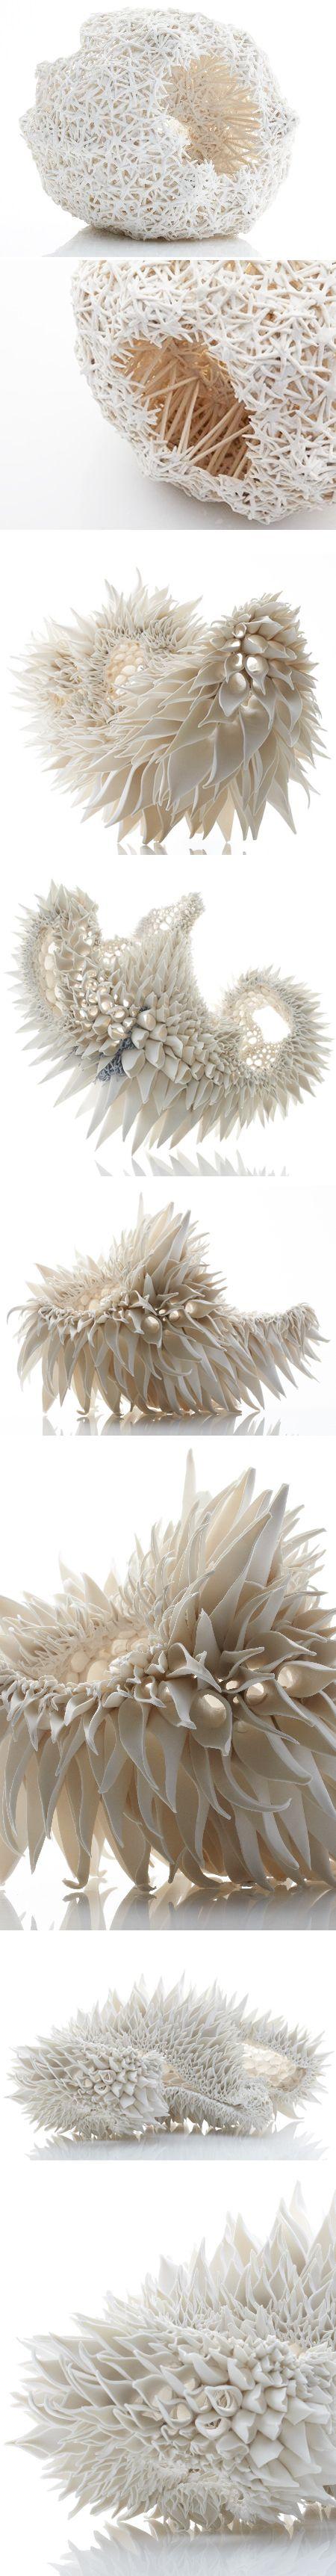 Nuala O'Donovan...organic ceramic pieces by Nuala O'Donovan, an artist based in Cork, Ireland.